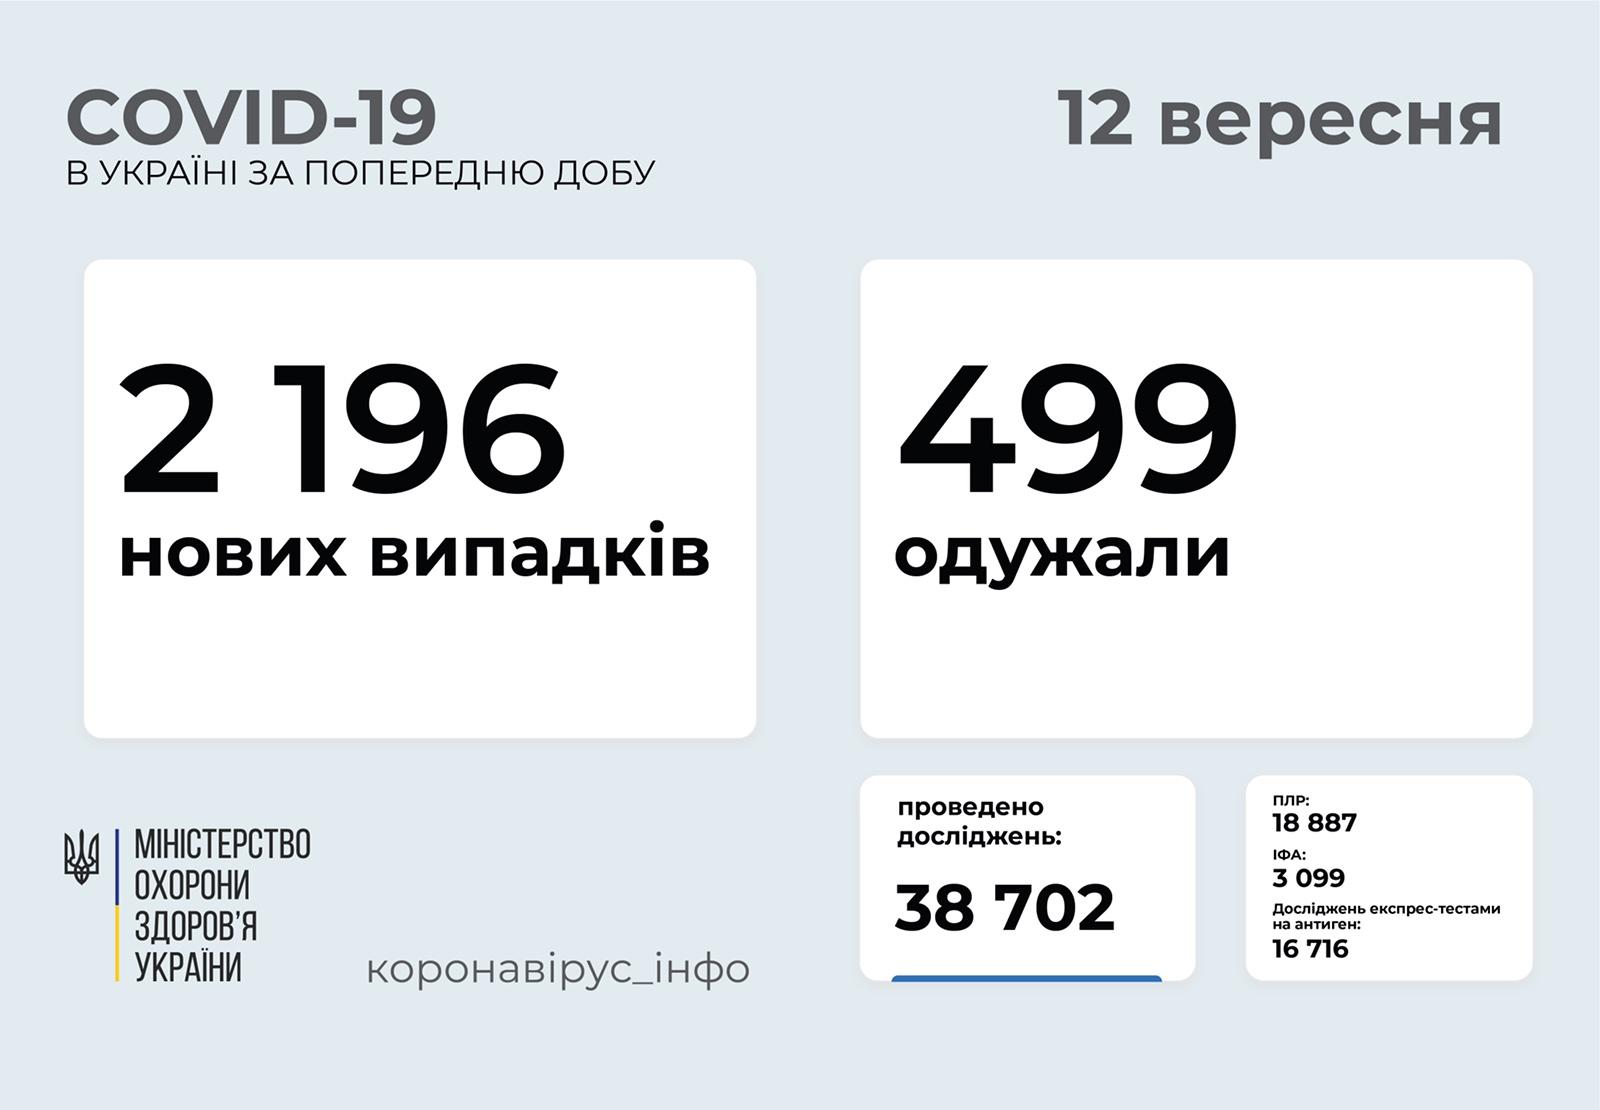 zobrazhennia_viber_2021-09-12_08-24-28-259